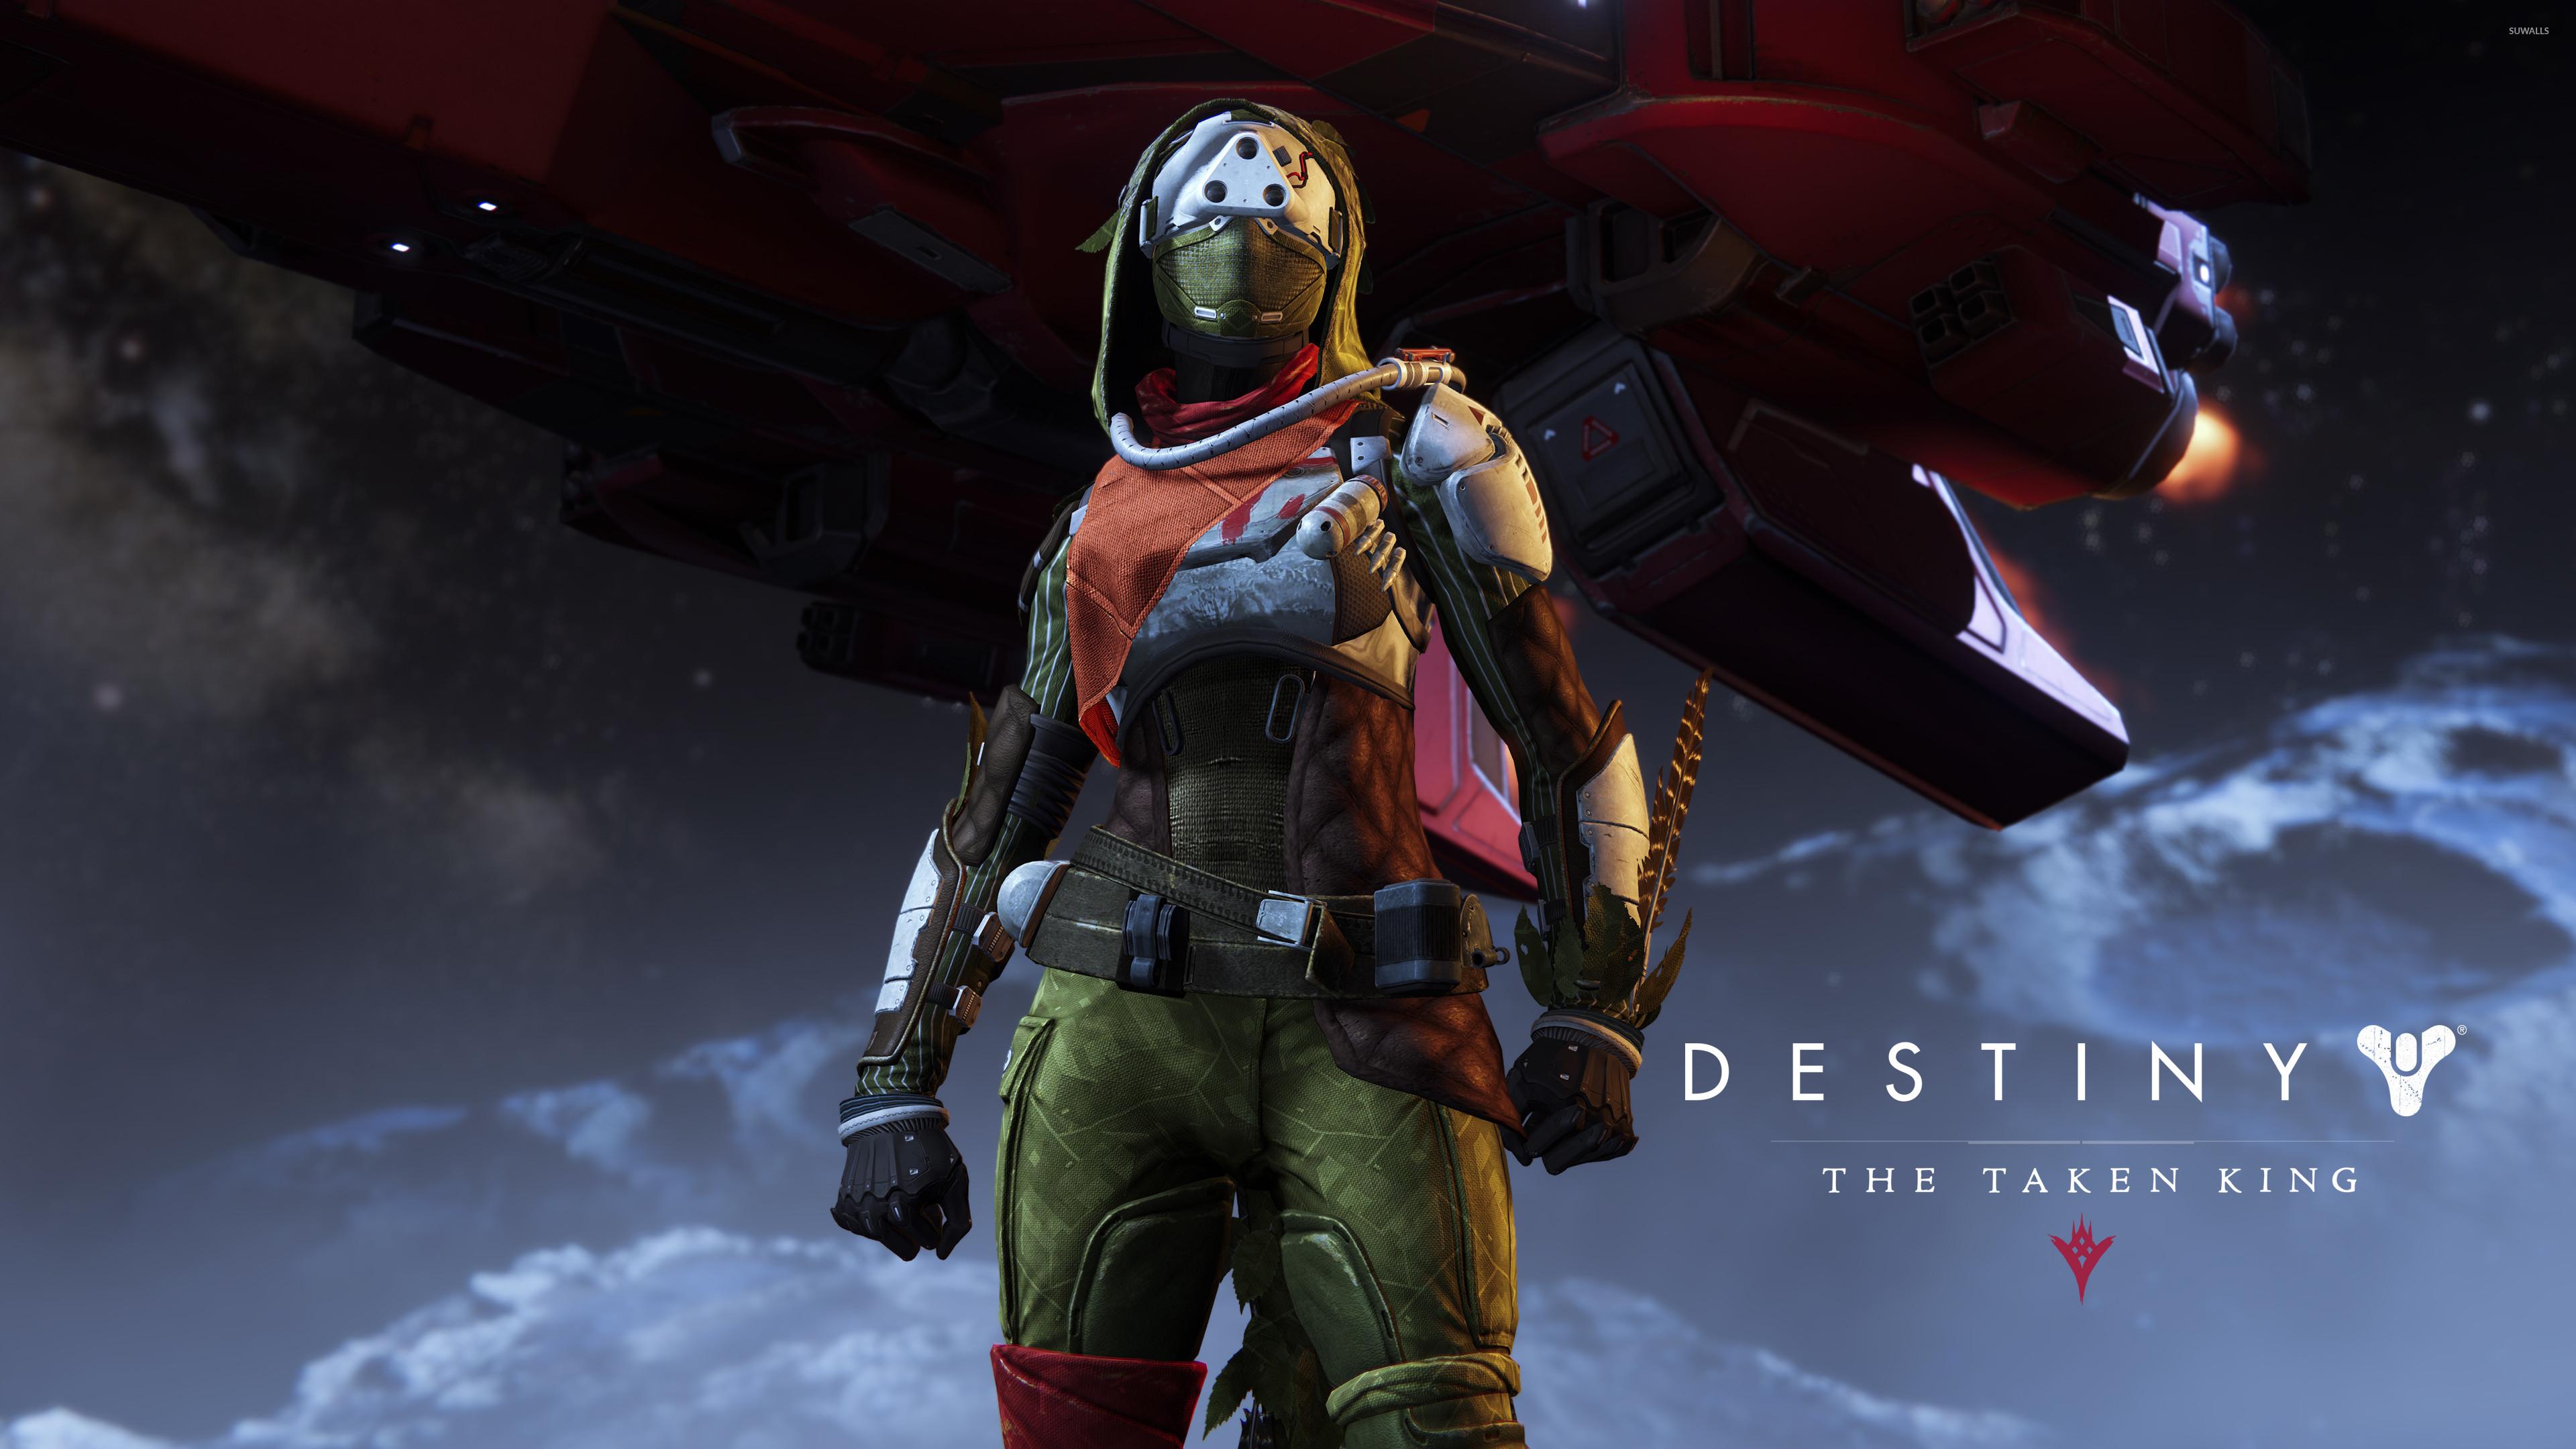 Hunter female – Destiny: The Taken King wallpaper jpg